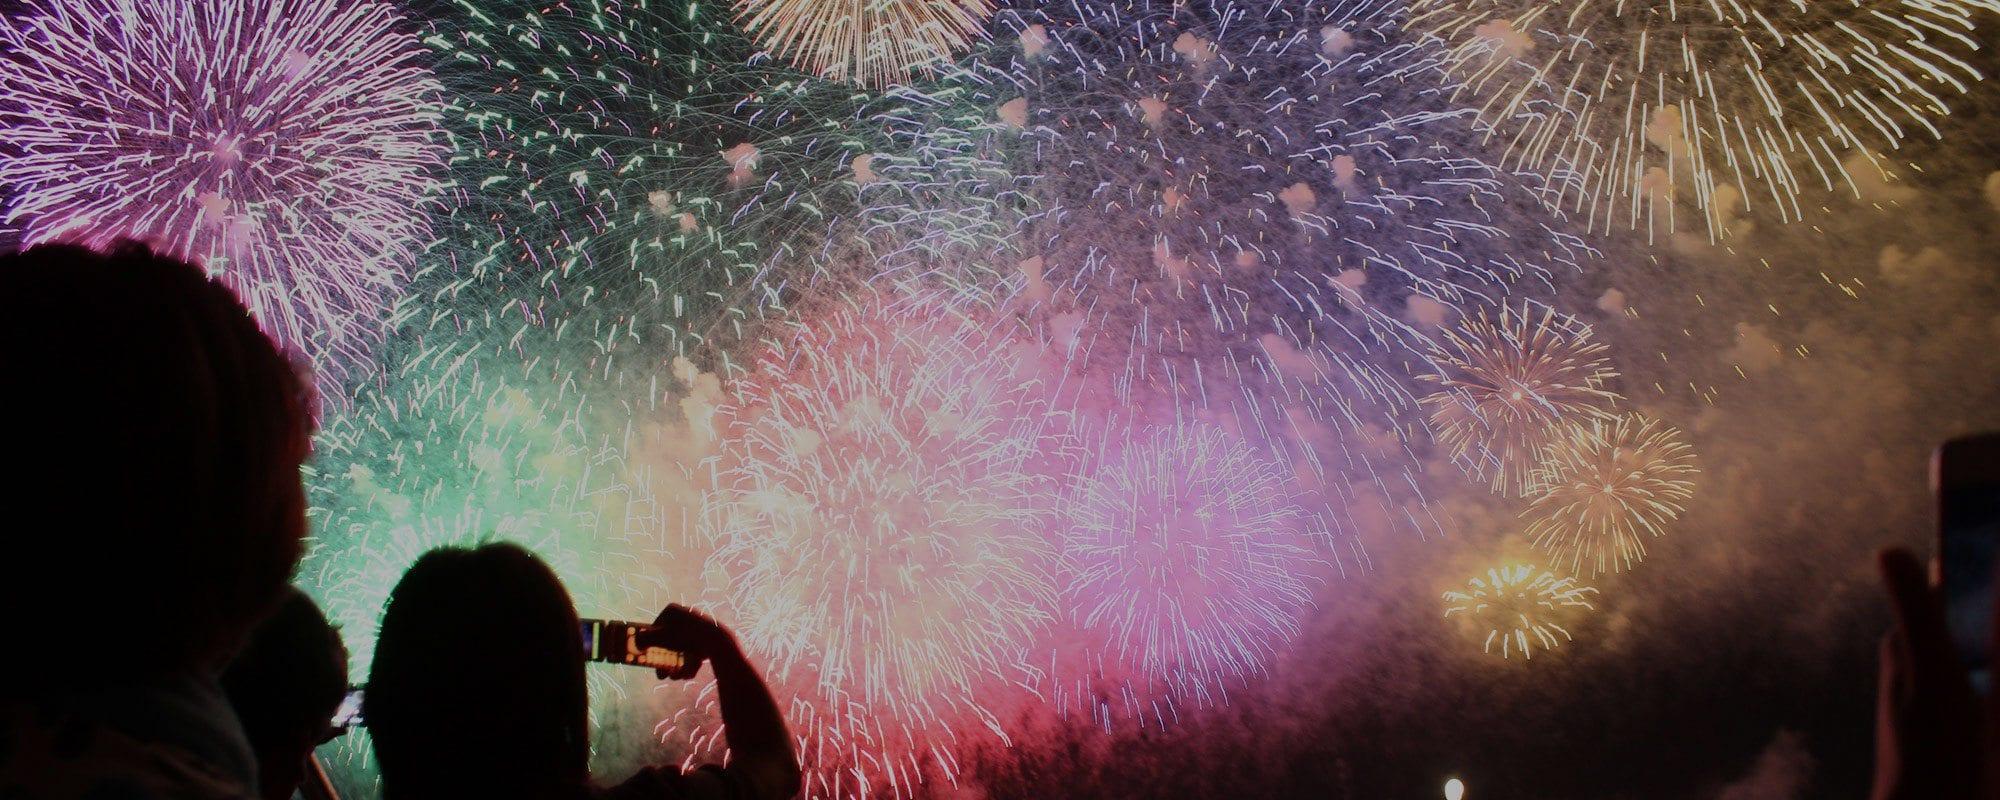 Fireworks-slider